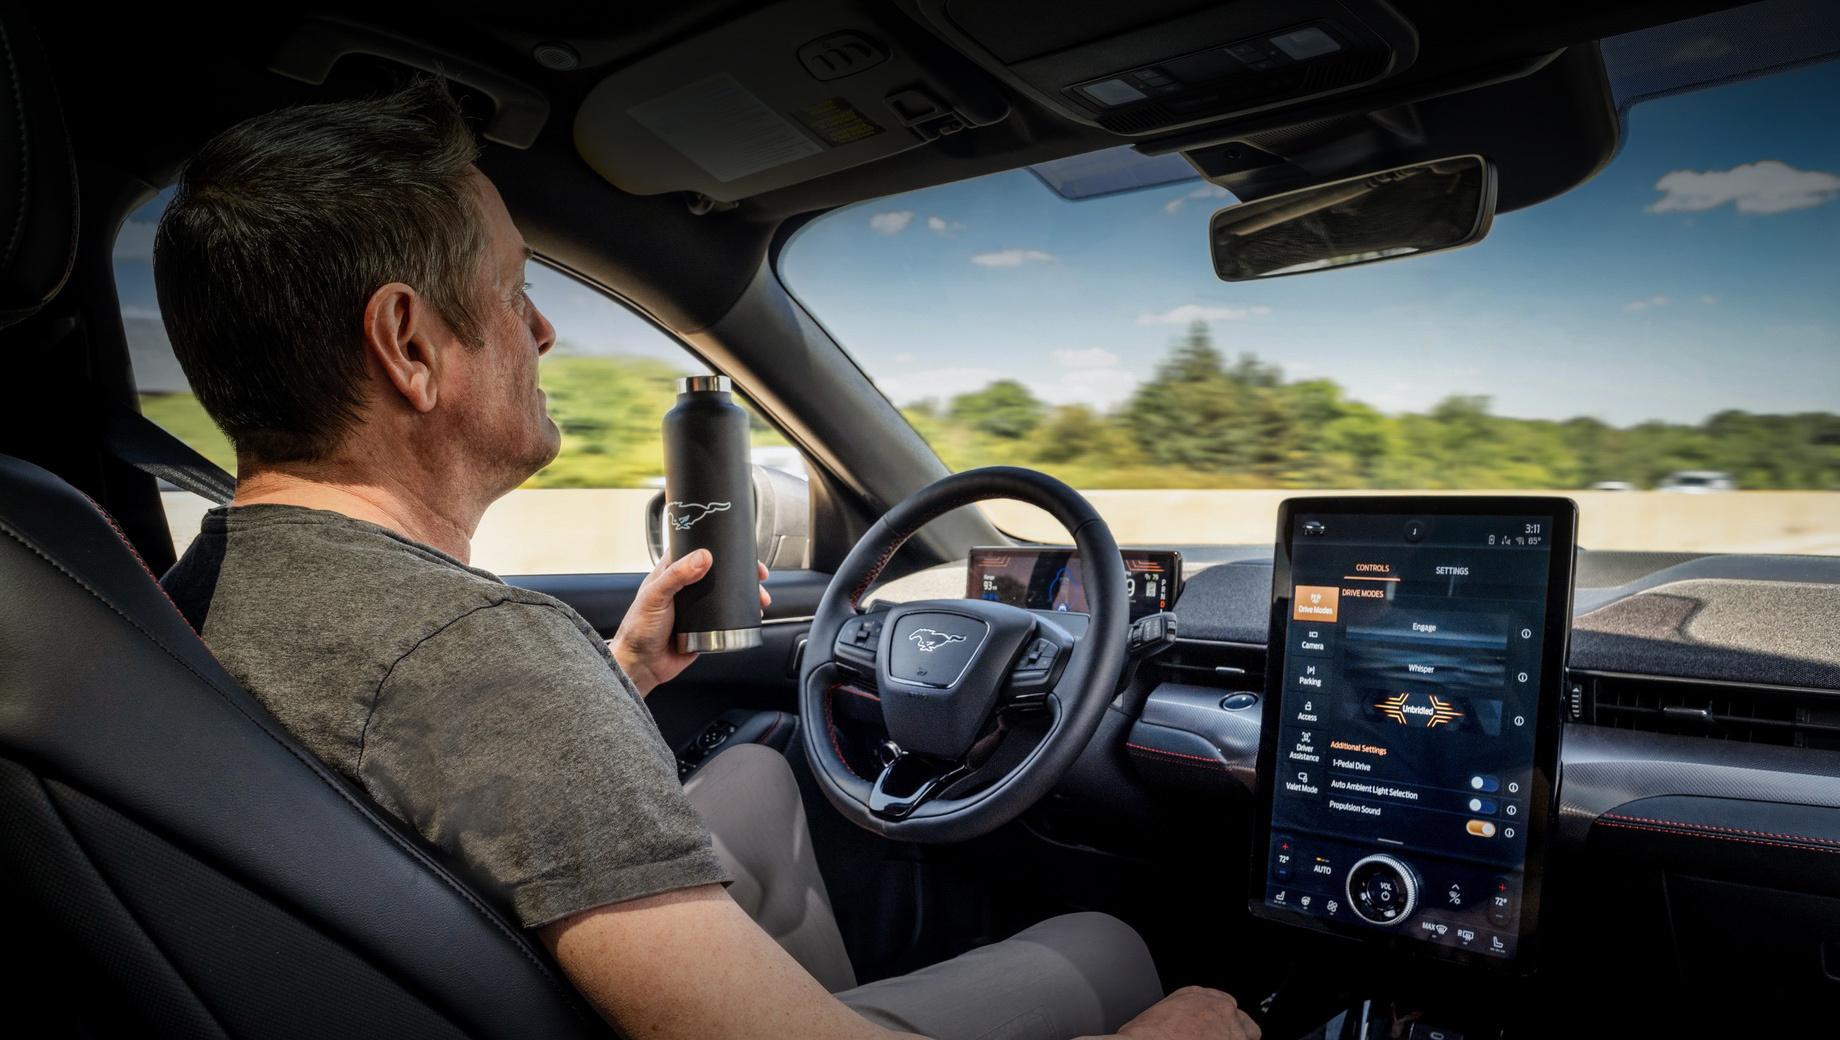 Ford mustang mach-e. В комплекс Ford Co-Pilot360 Active 2.0 входят улучшенные активный круиз-контроль Stop & Go, системы мониторинга слепых зон и распознавания знаков, технология удержания в полосе с функцией определения обочины. Сюда же внесли автоторможение, камеру заднего вида и автопарковщик (параллельно и перпендикулярно). Всё это — базовое оснащение Мустанга Mach-E.